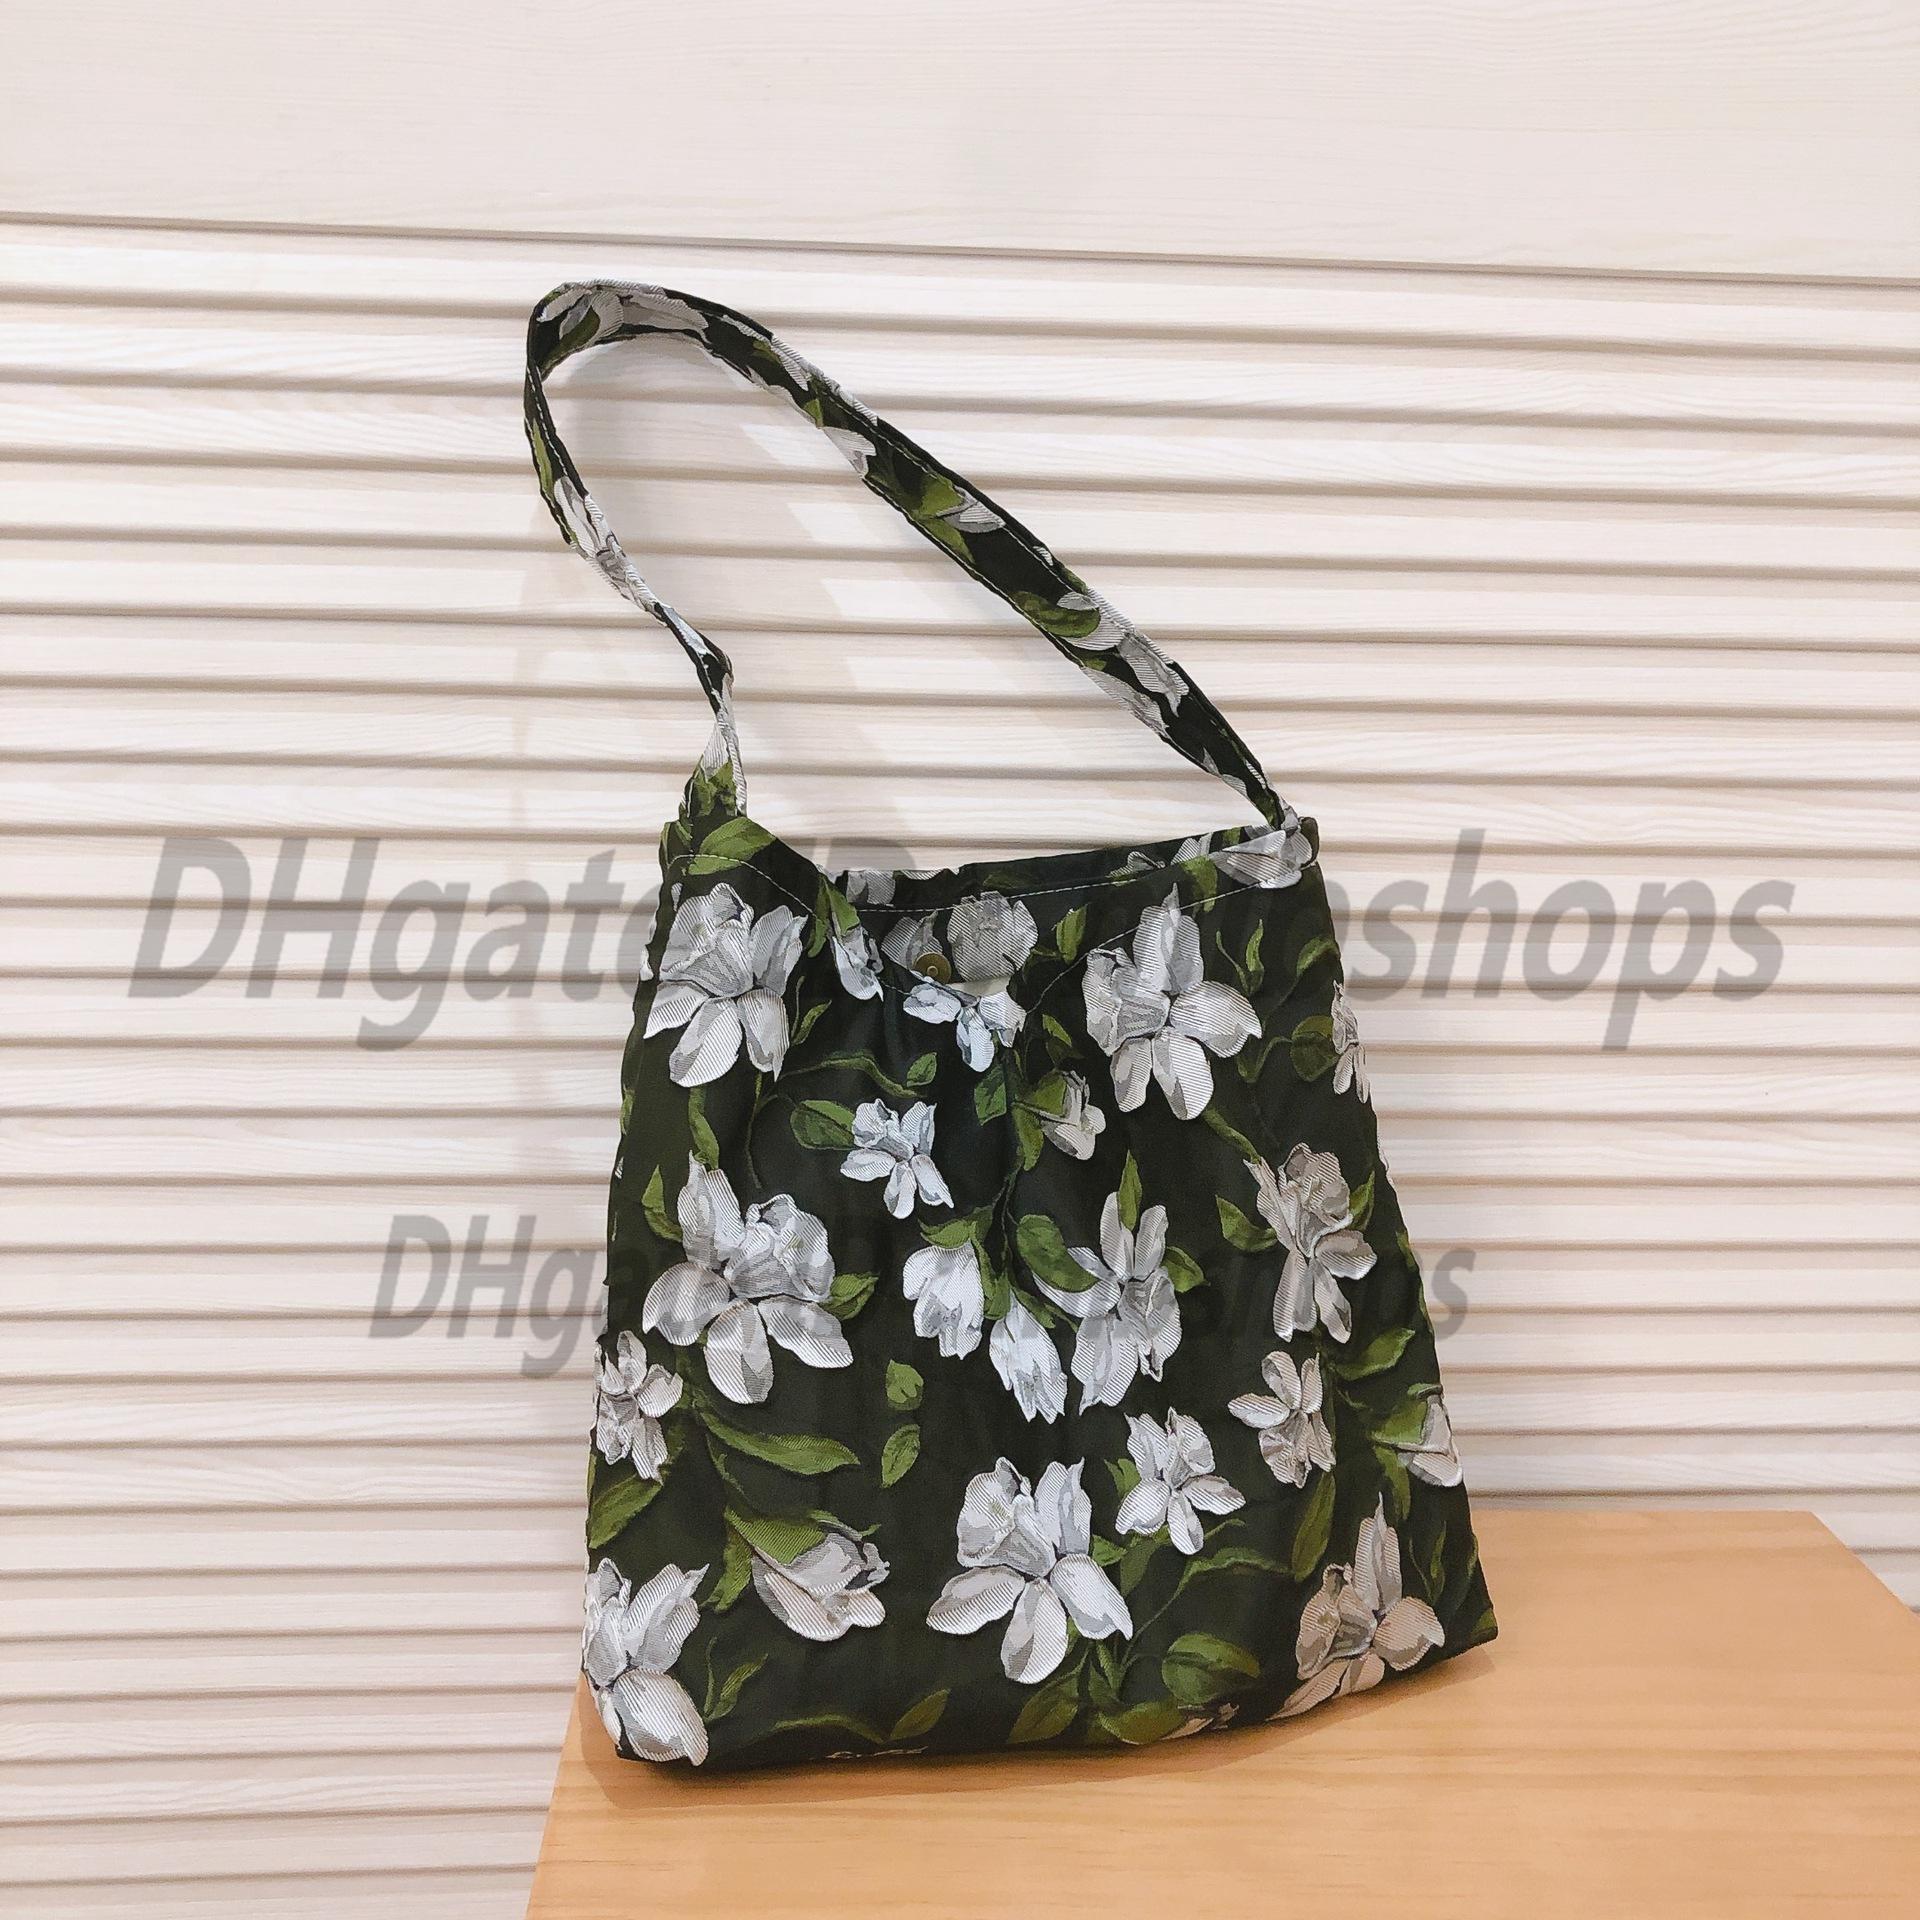 Borse a tracolla Lussurys Designer di alta qualità Moda Donna Crossbody Borse Portafogli Lady Frizione Flowers Shopping Ploth Borsa Borsa 2021 Borsa Borsa